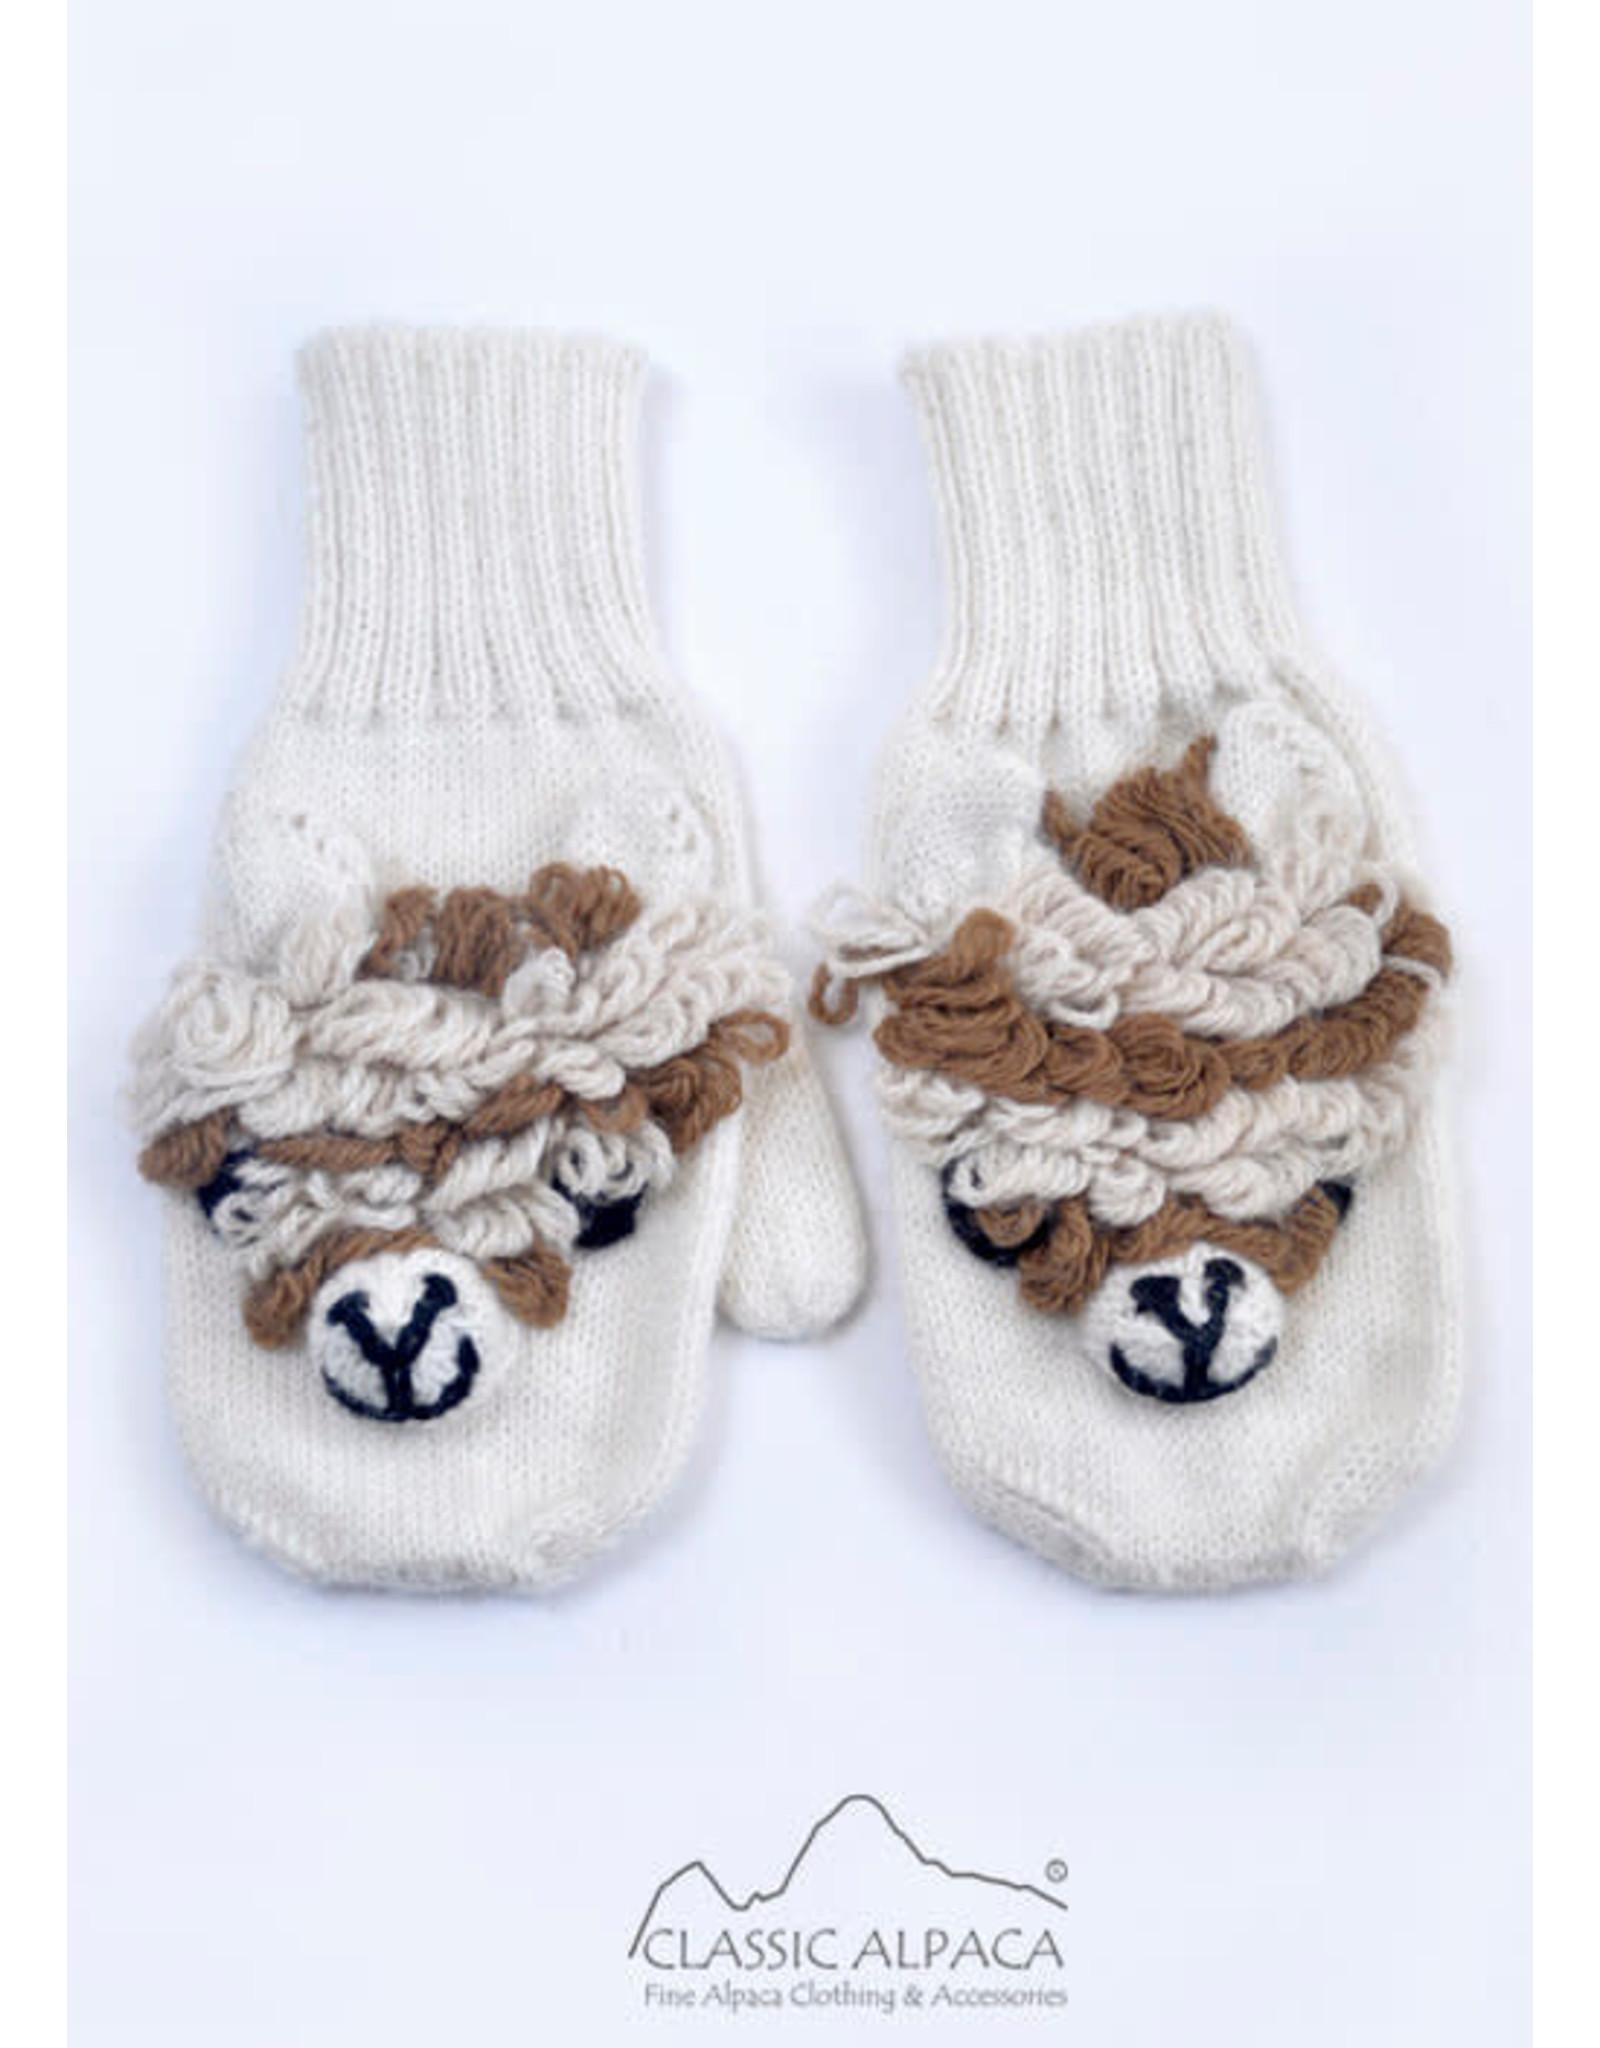 Alpaca Kids - Alpaca Mittens